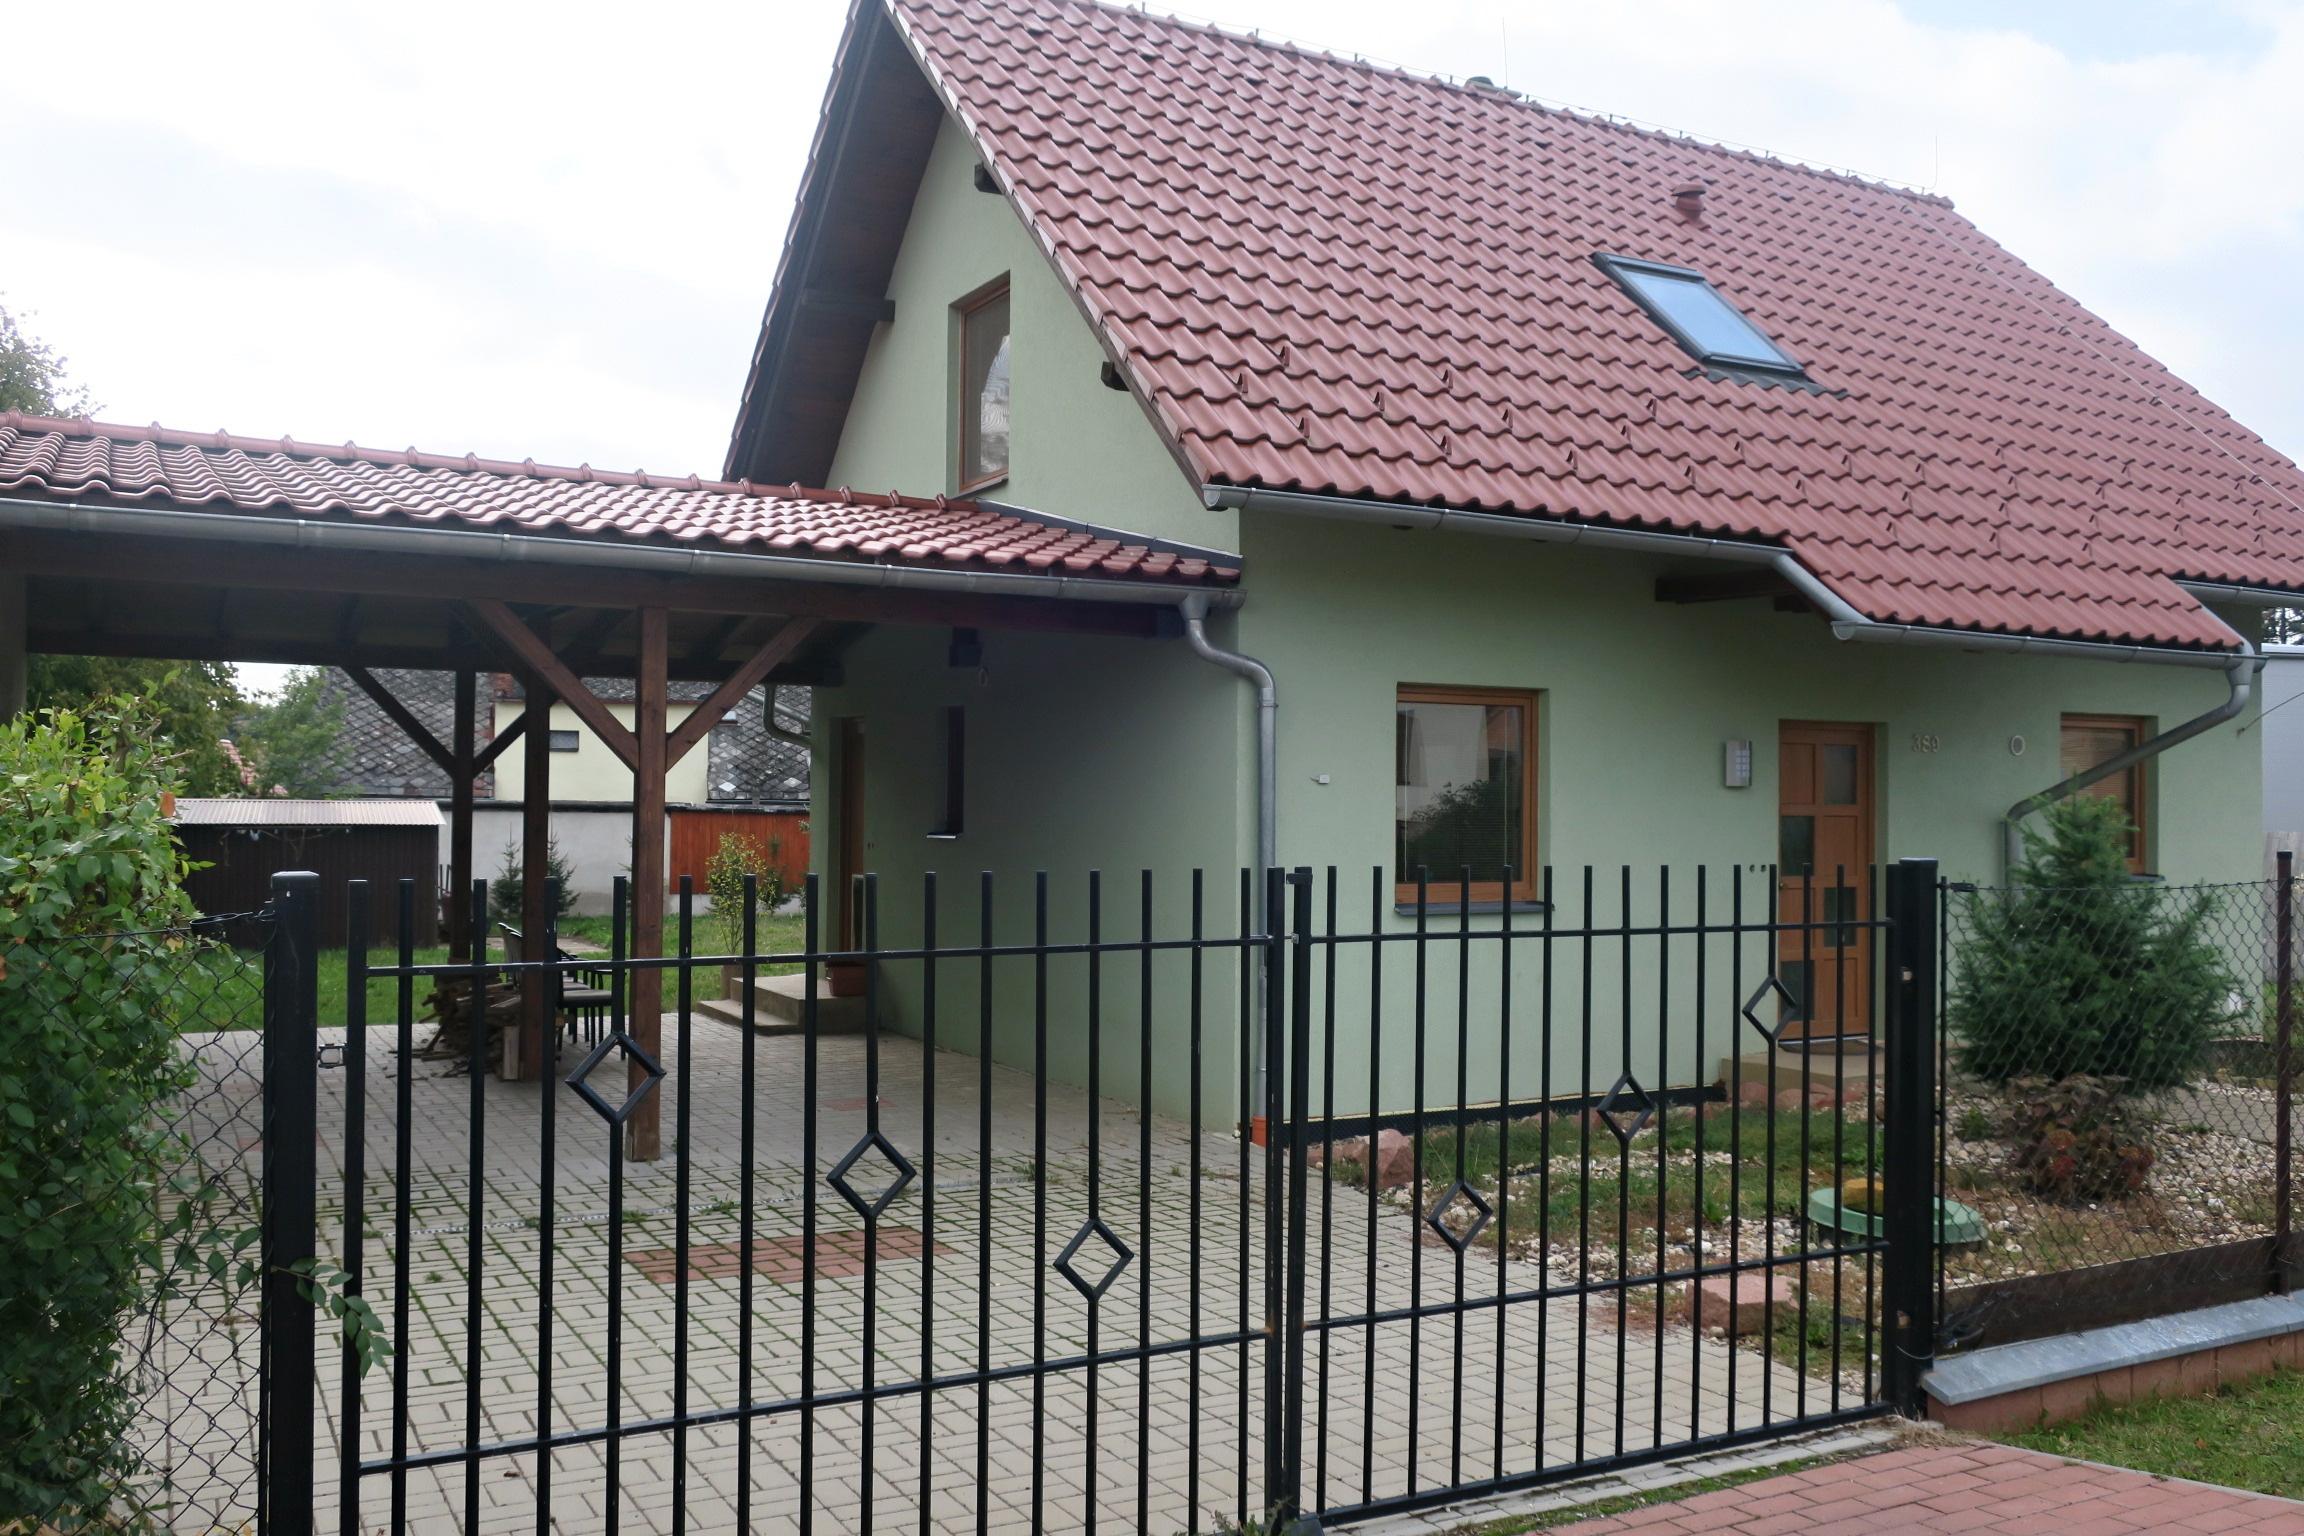 N48605 - Prodej chytře řešeného domu 4+kk pro Vaše rodinné bydlení, Miletín